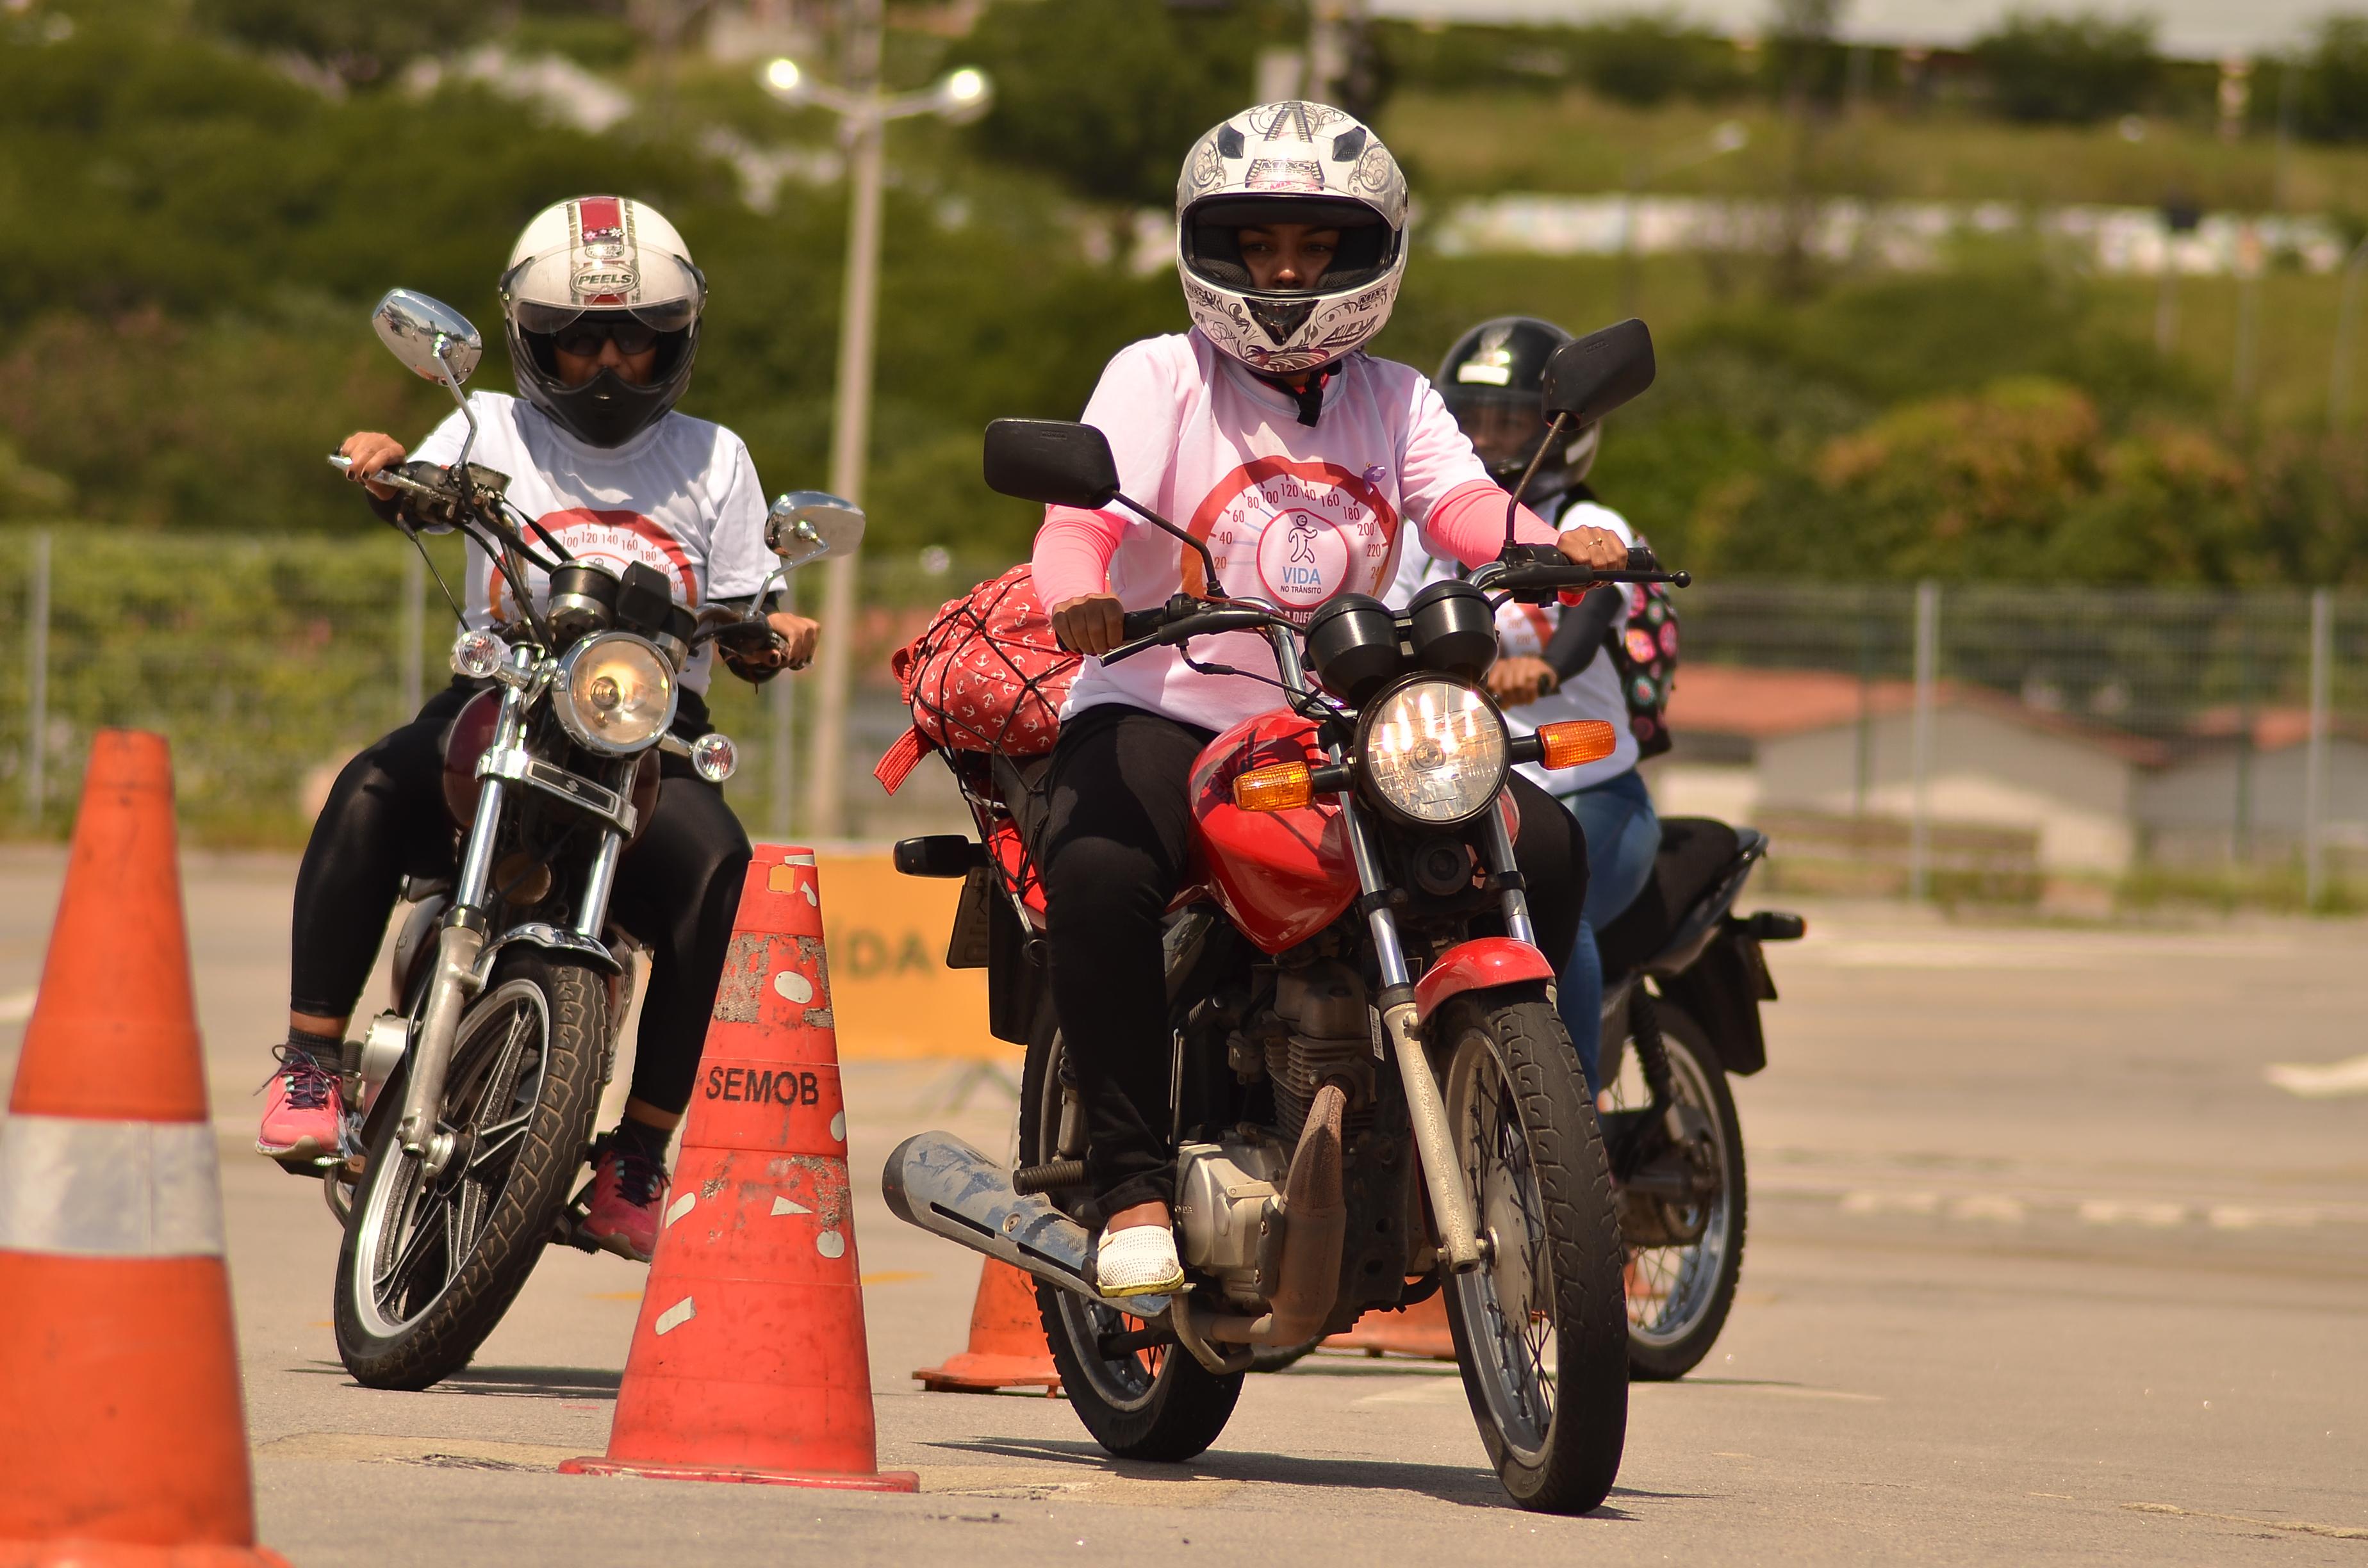 Mulher Pilotando Motos 23